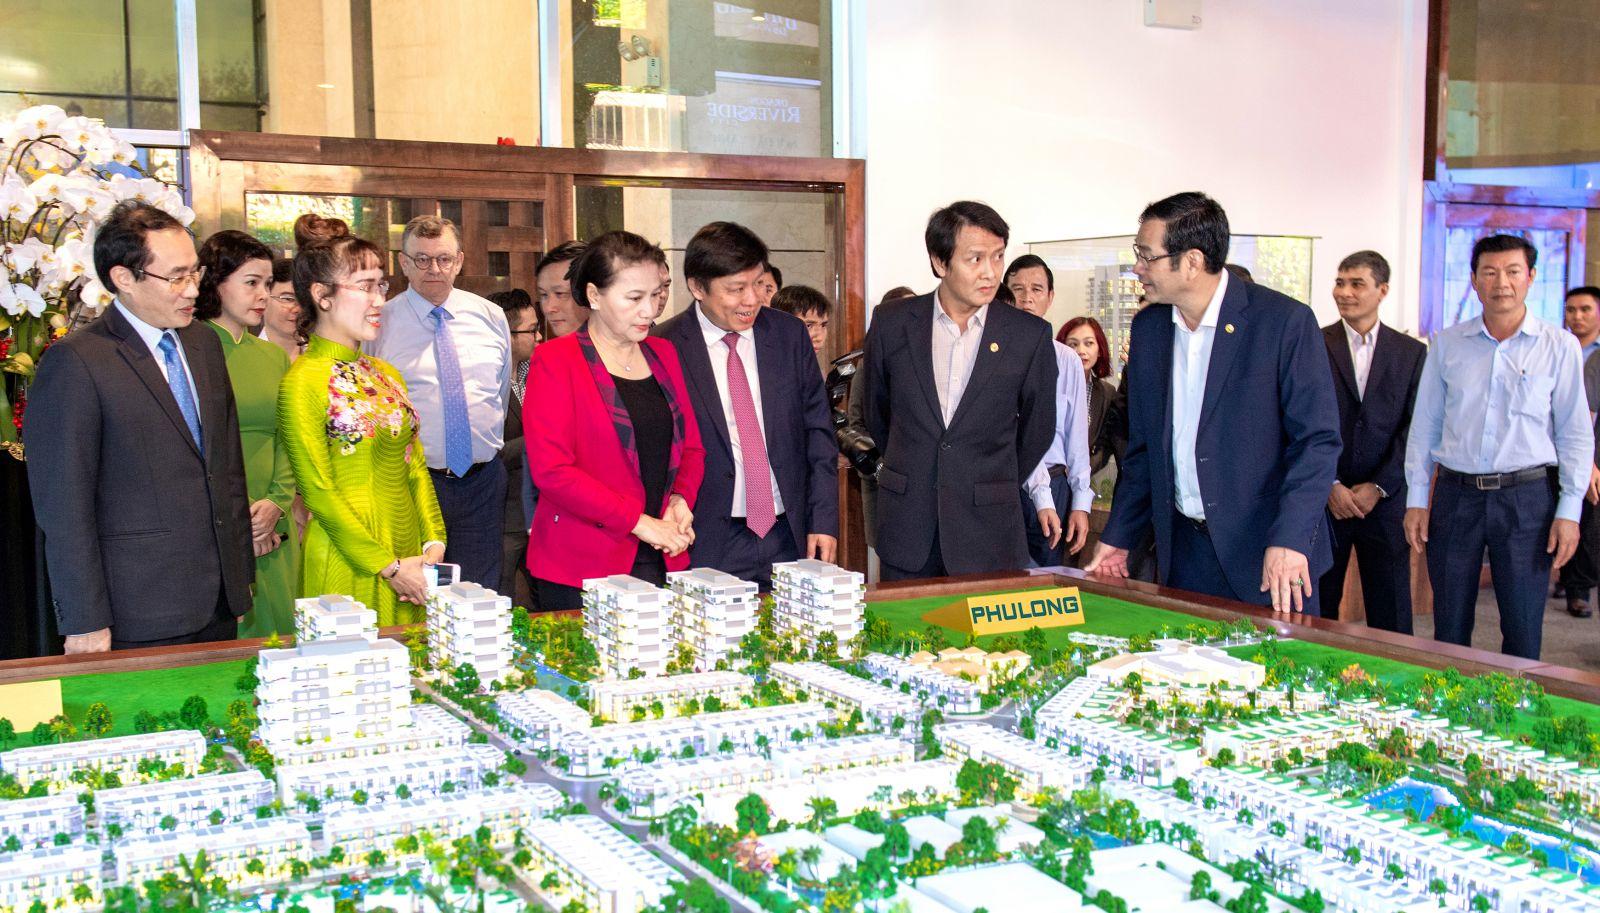 Chủ tịch Quốc hội tham quan các dự án của Phú Long tại sàn giao dịch bất động sản